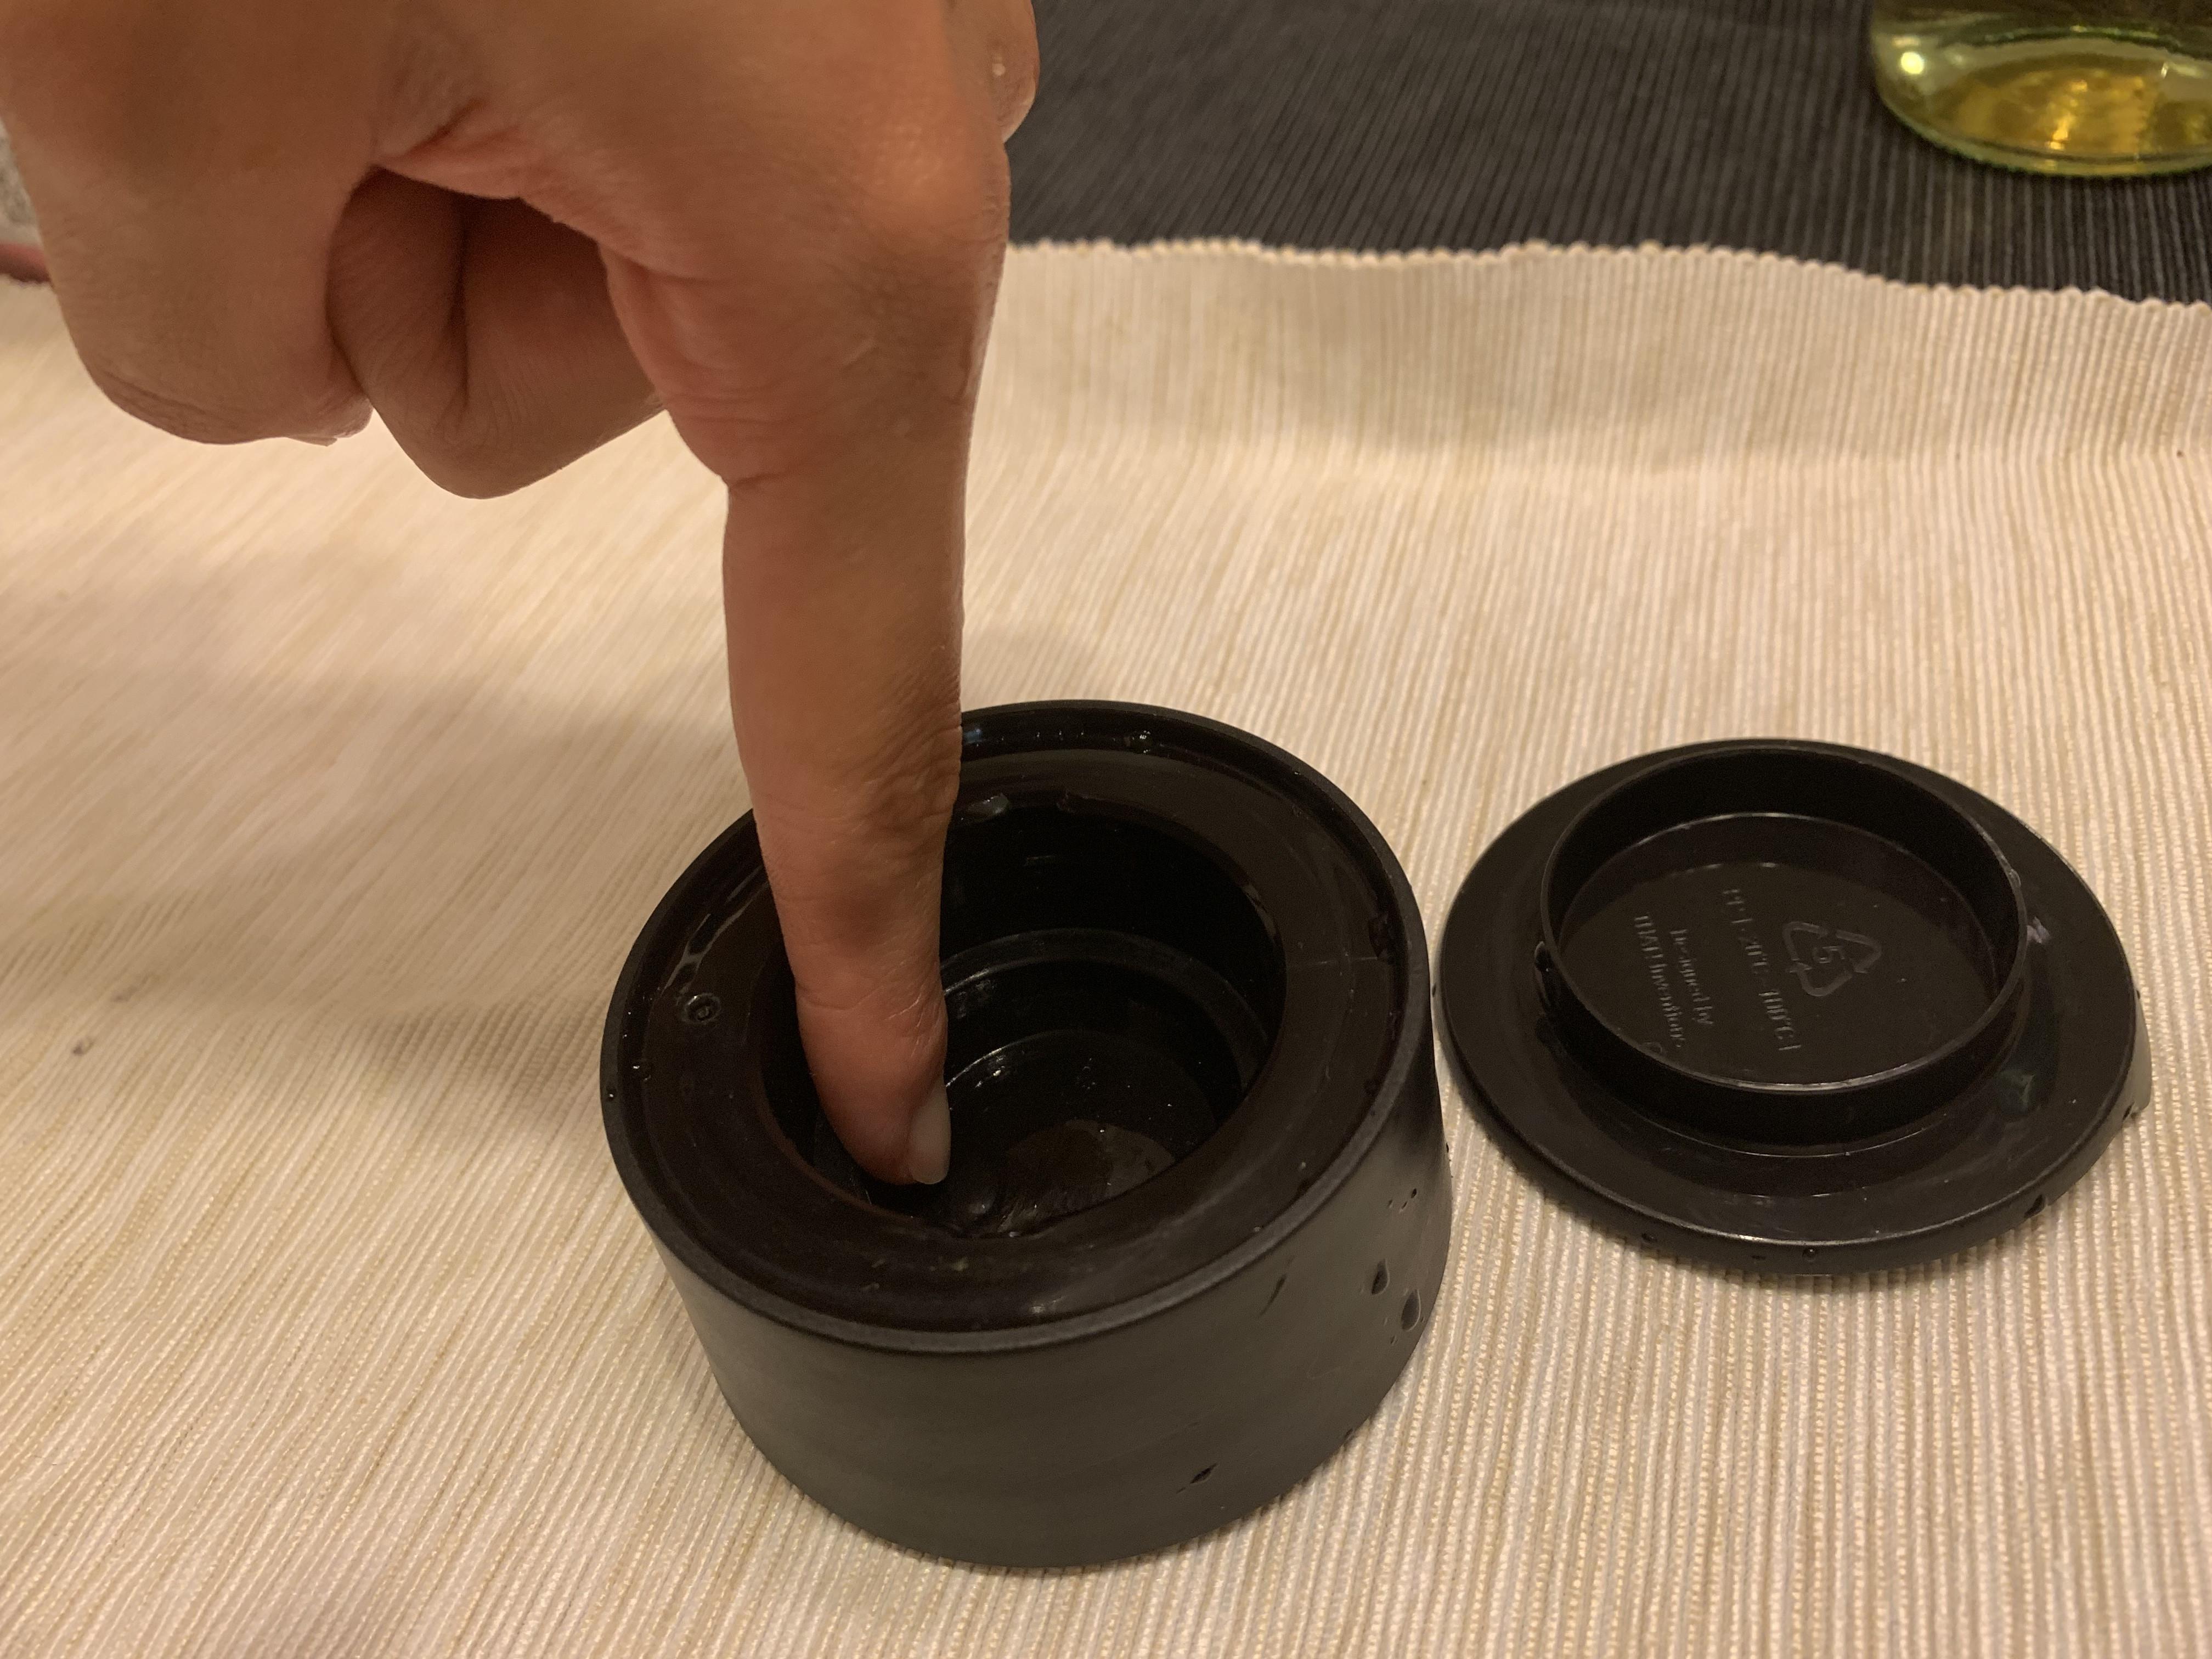 奇享杯-史無前例的完美保溫琺瑯杯的第 3 張圖片